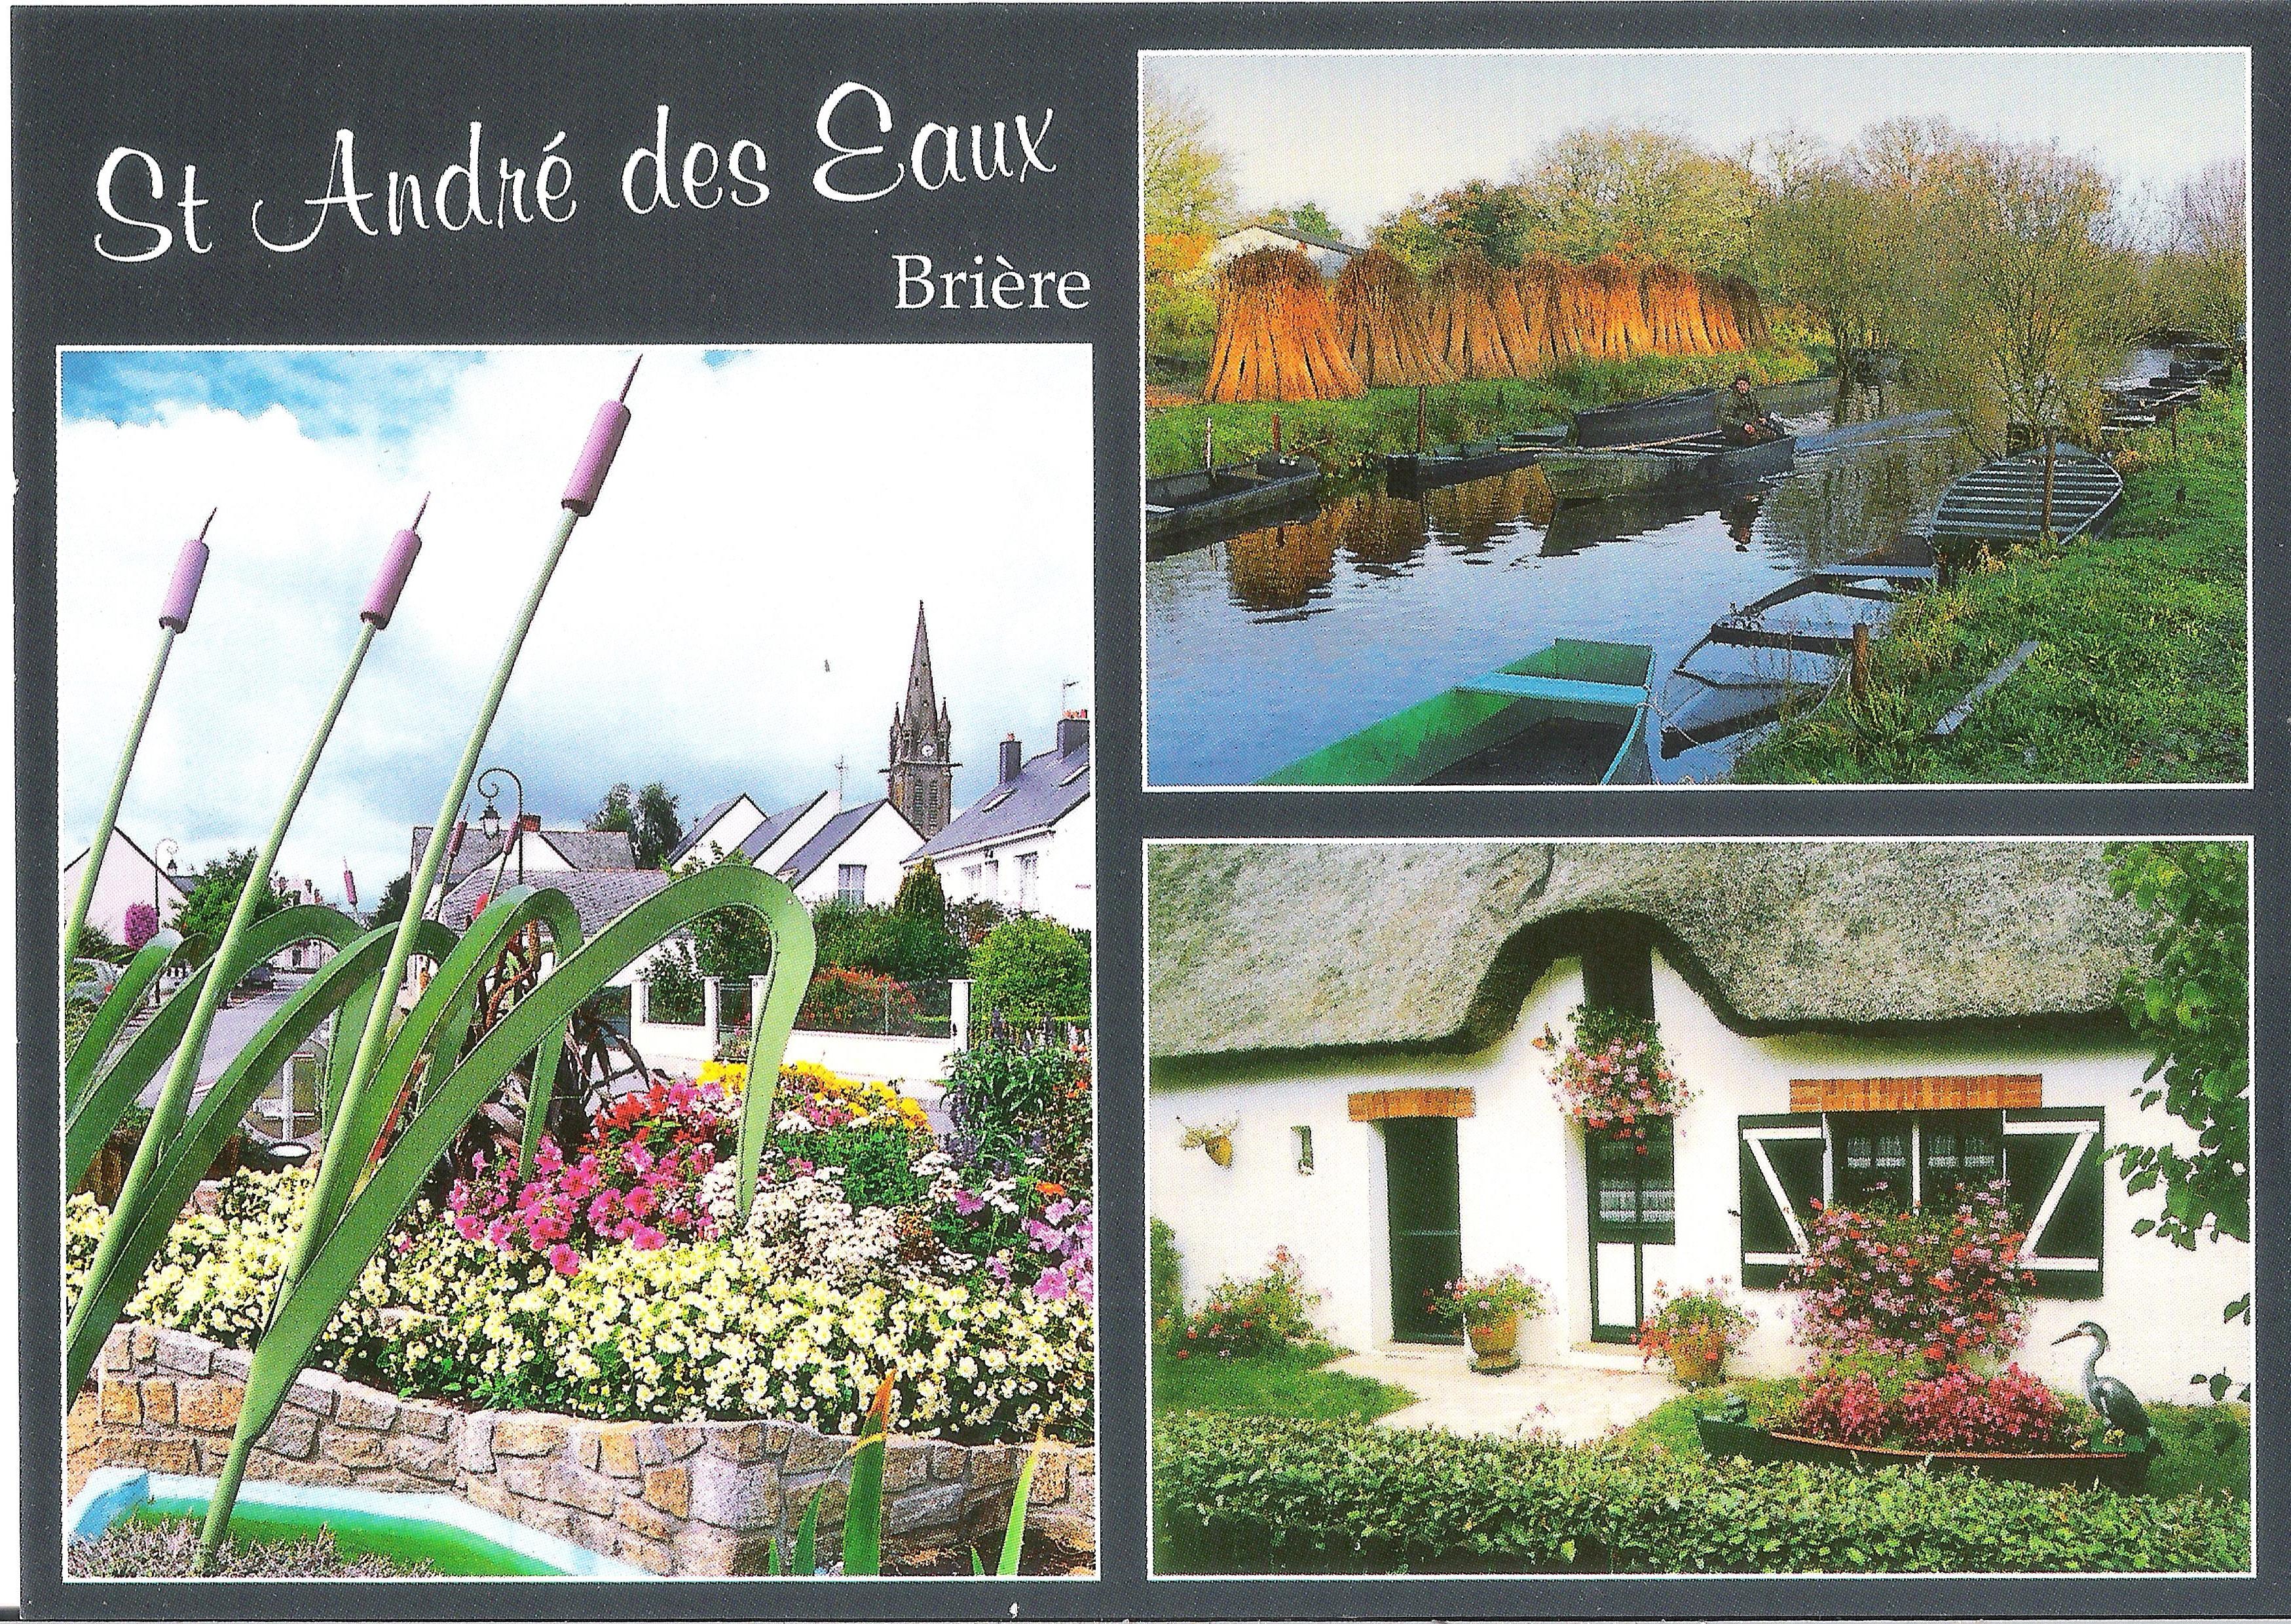 ST_ANDRE_DES_EAUX_-_Commune_du_Parc_Régional_de_Brière_-_Un_rond-point_fleuri,_une_chaumière_et_le_p